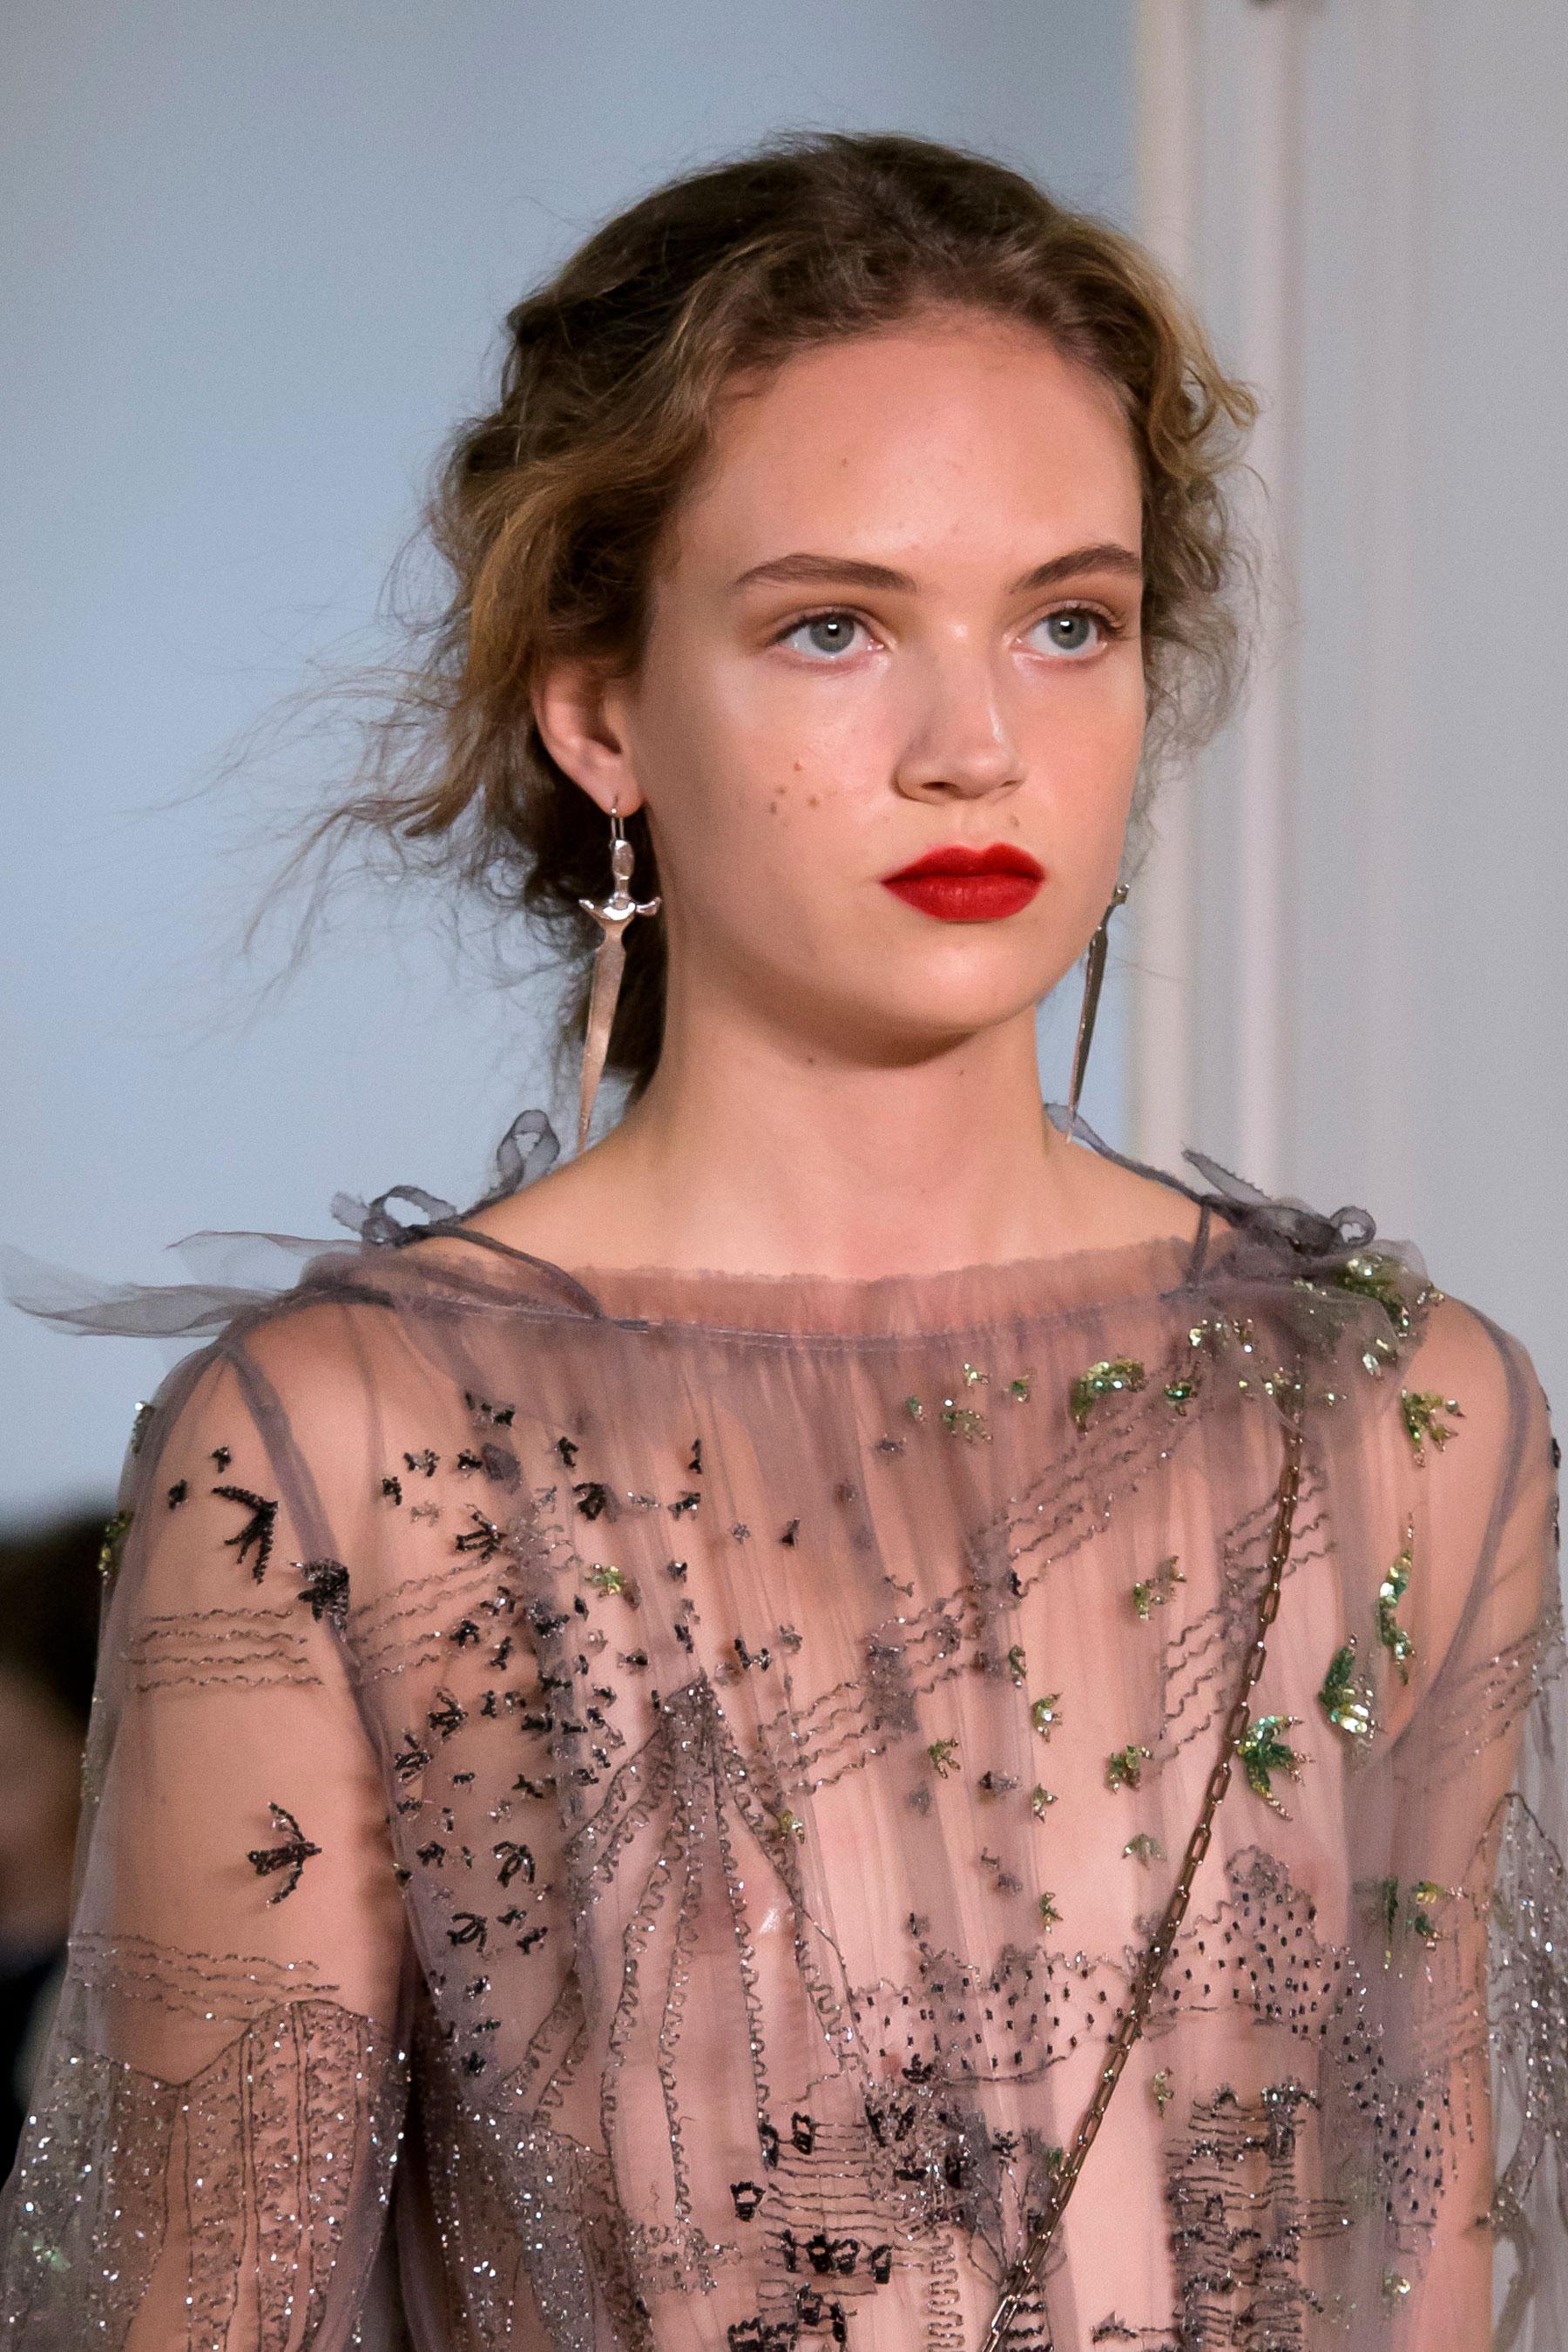 Esta temporada de primavera-verano los labios rojos se llevan mate y delineando el contorno natural del labio. Pasarela de Valentino. (Foto: The Fashion Group Foundation)